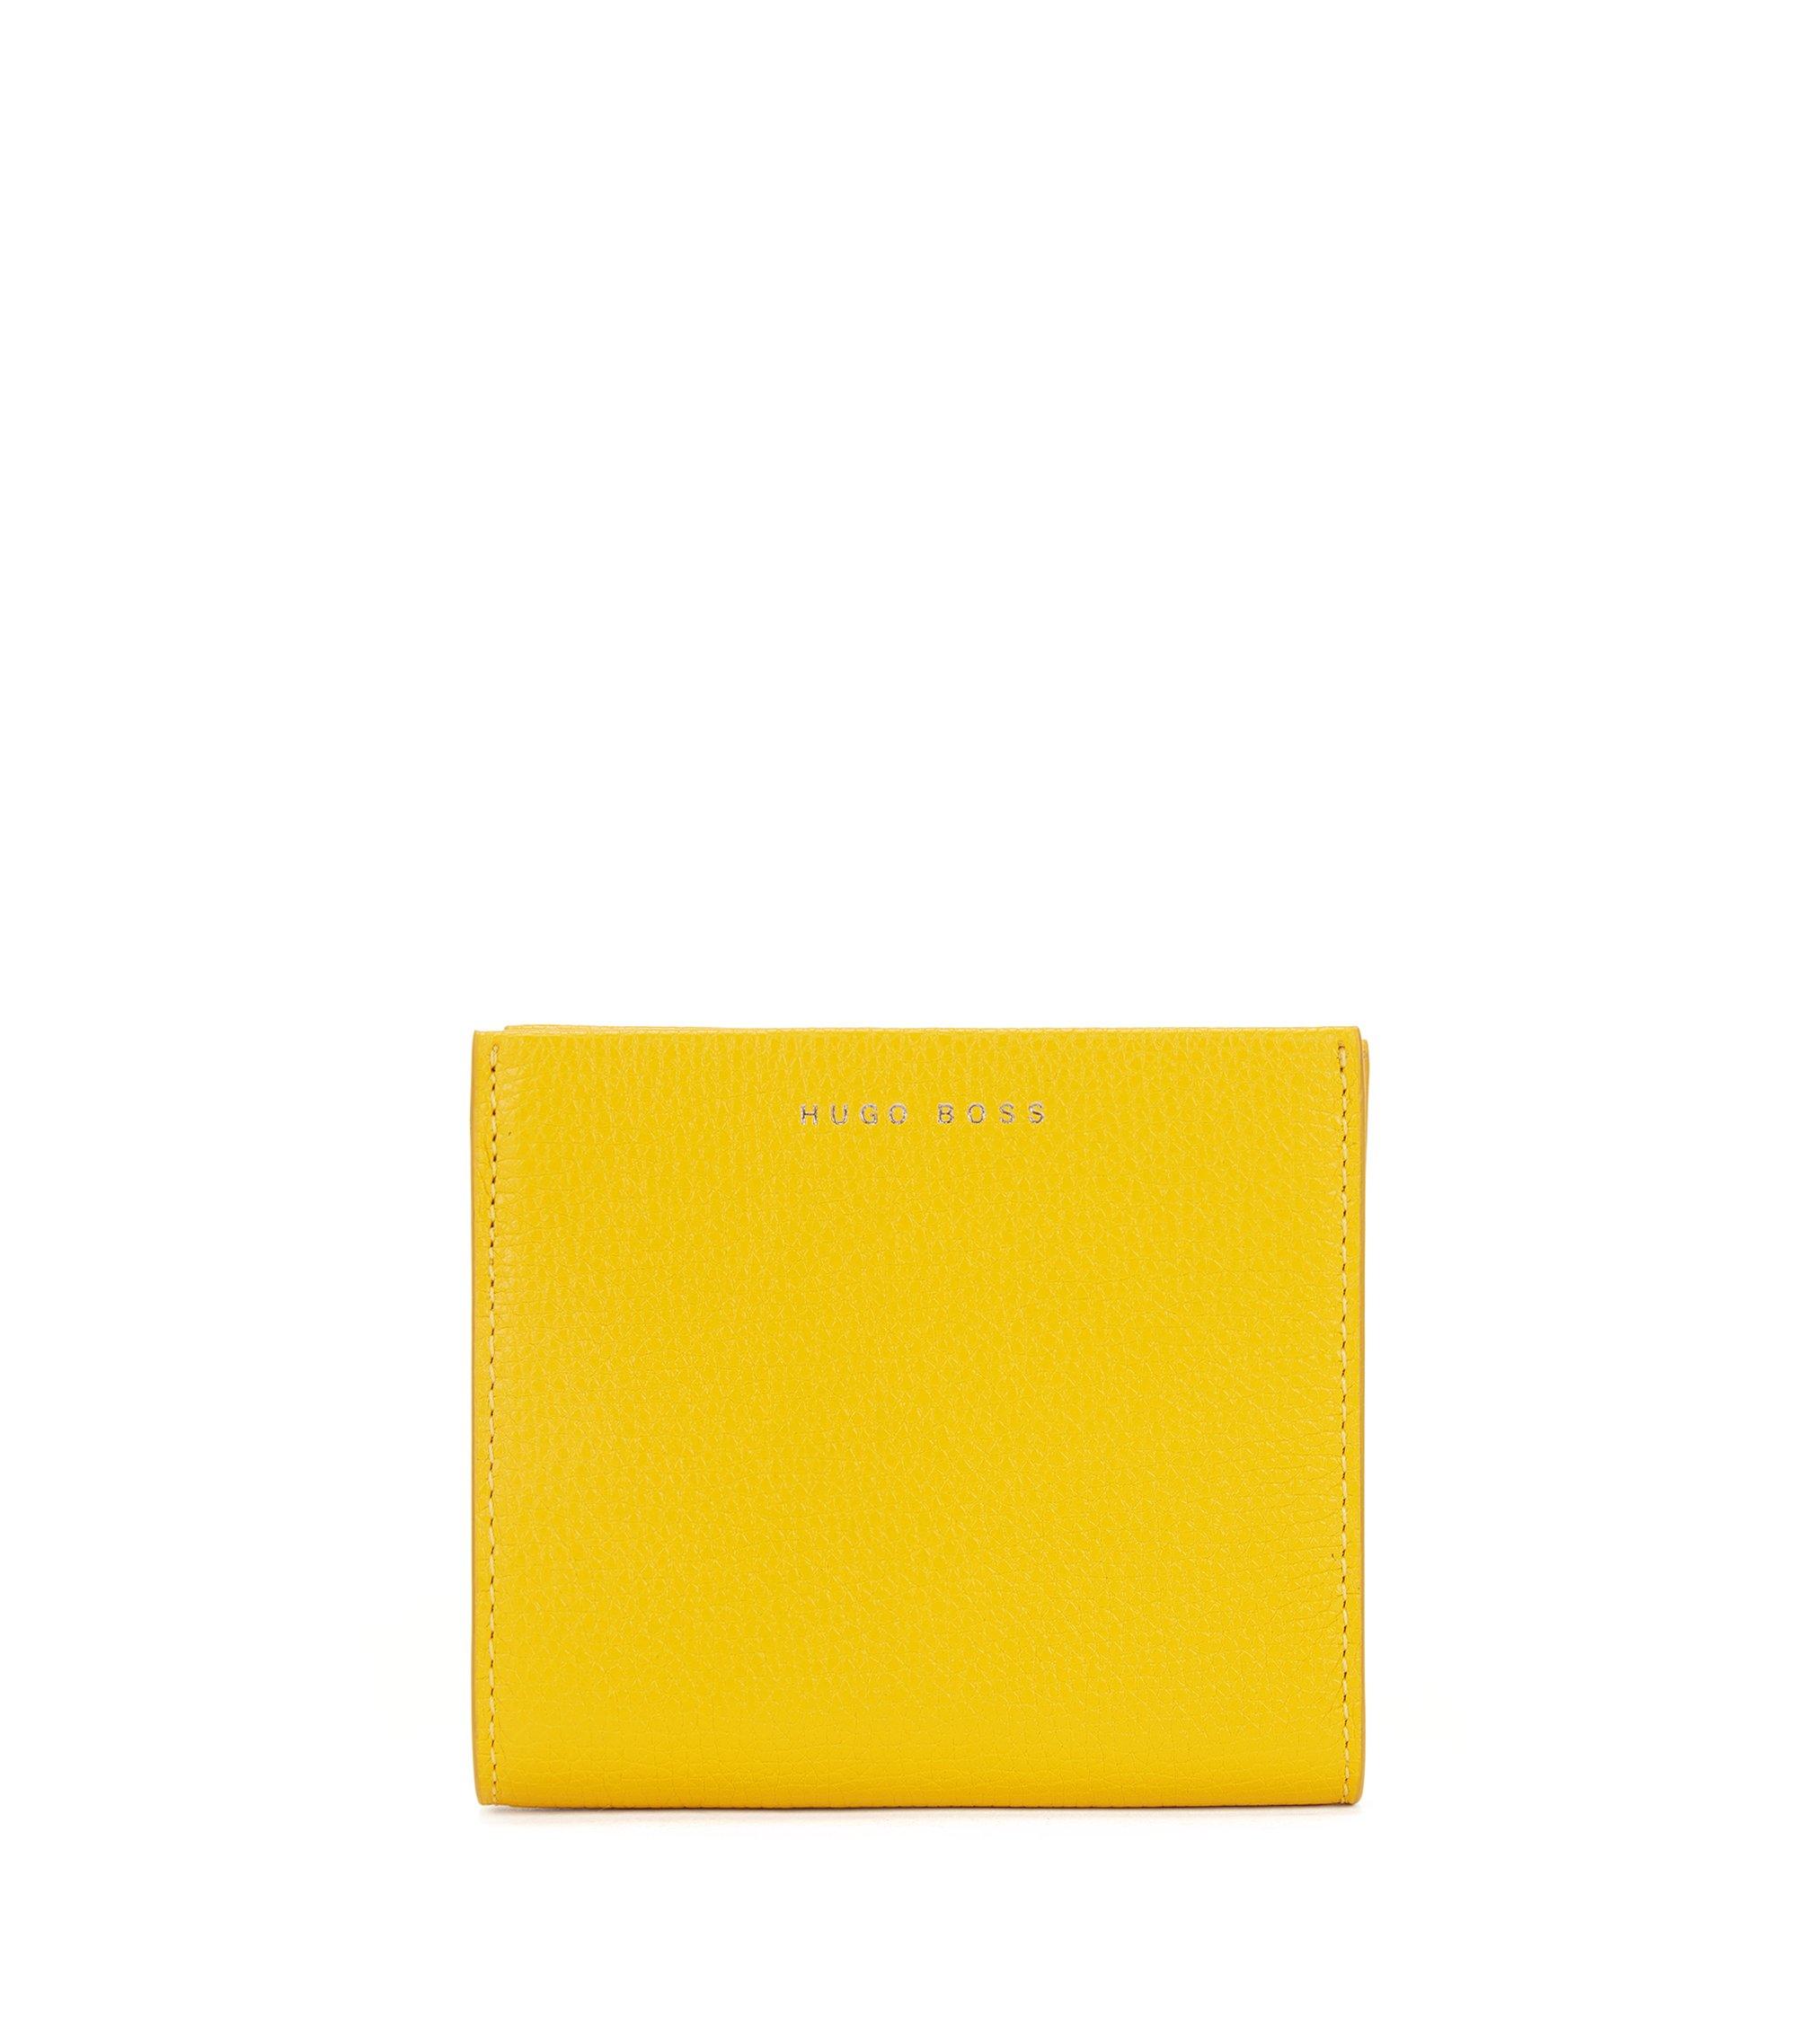 Kleine Geldbörse aus genarbtem italienischem Leder mit Reißverschluss, Gelb